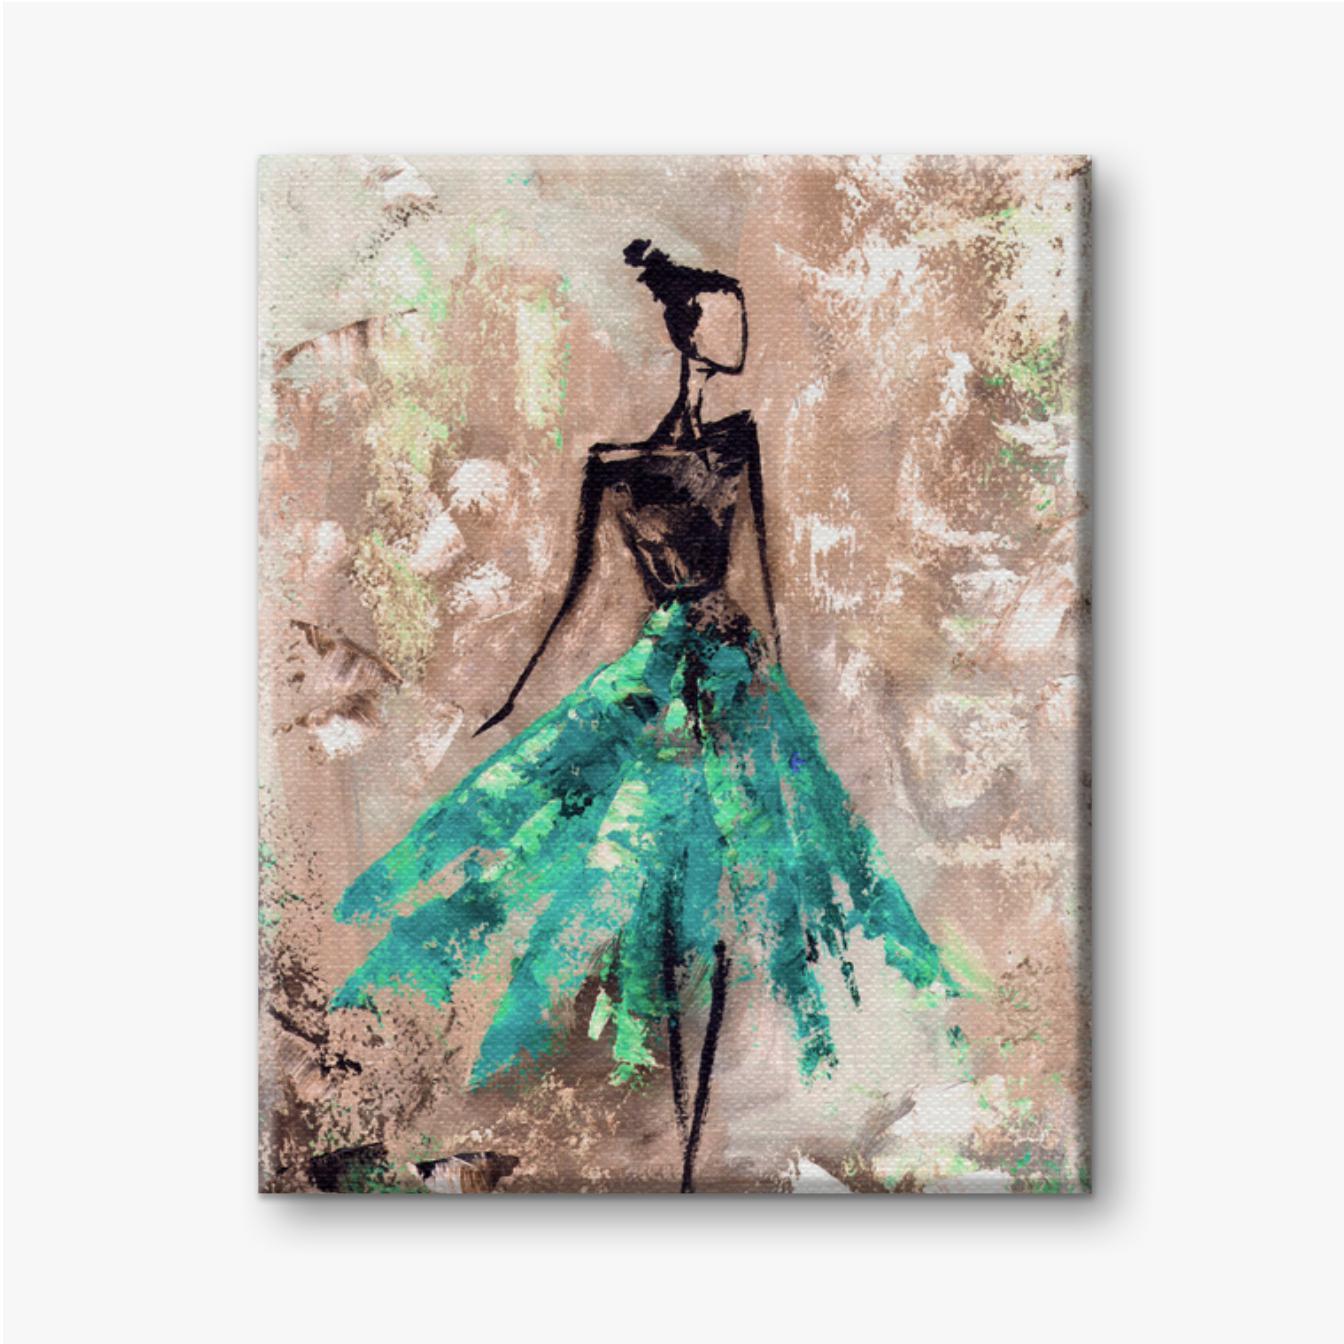 Abstrakte Frau im Kleid, Ballerina